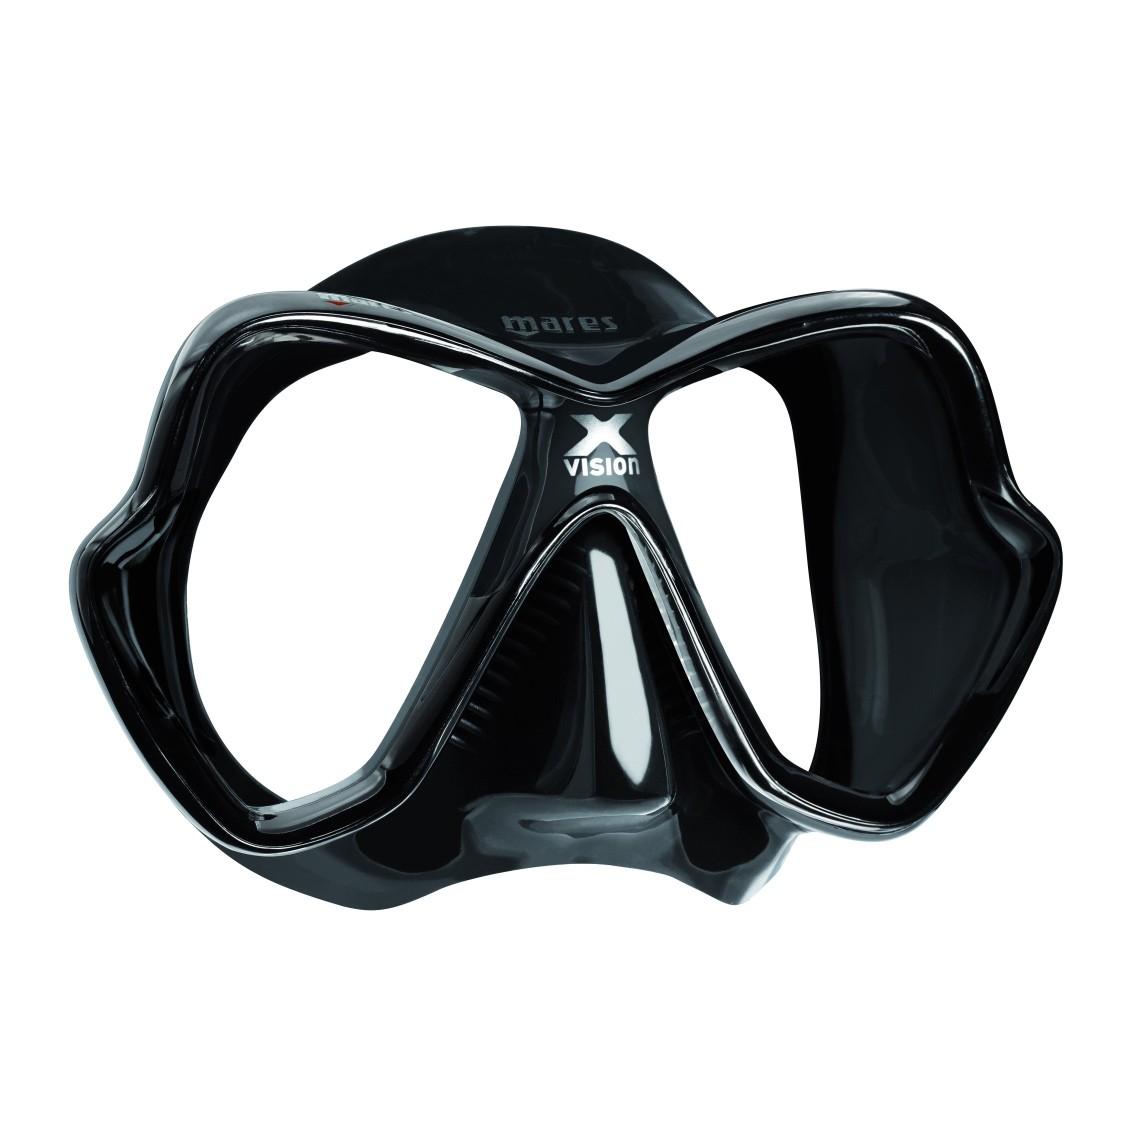 Mares X-Vision Mask 2014 Black